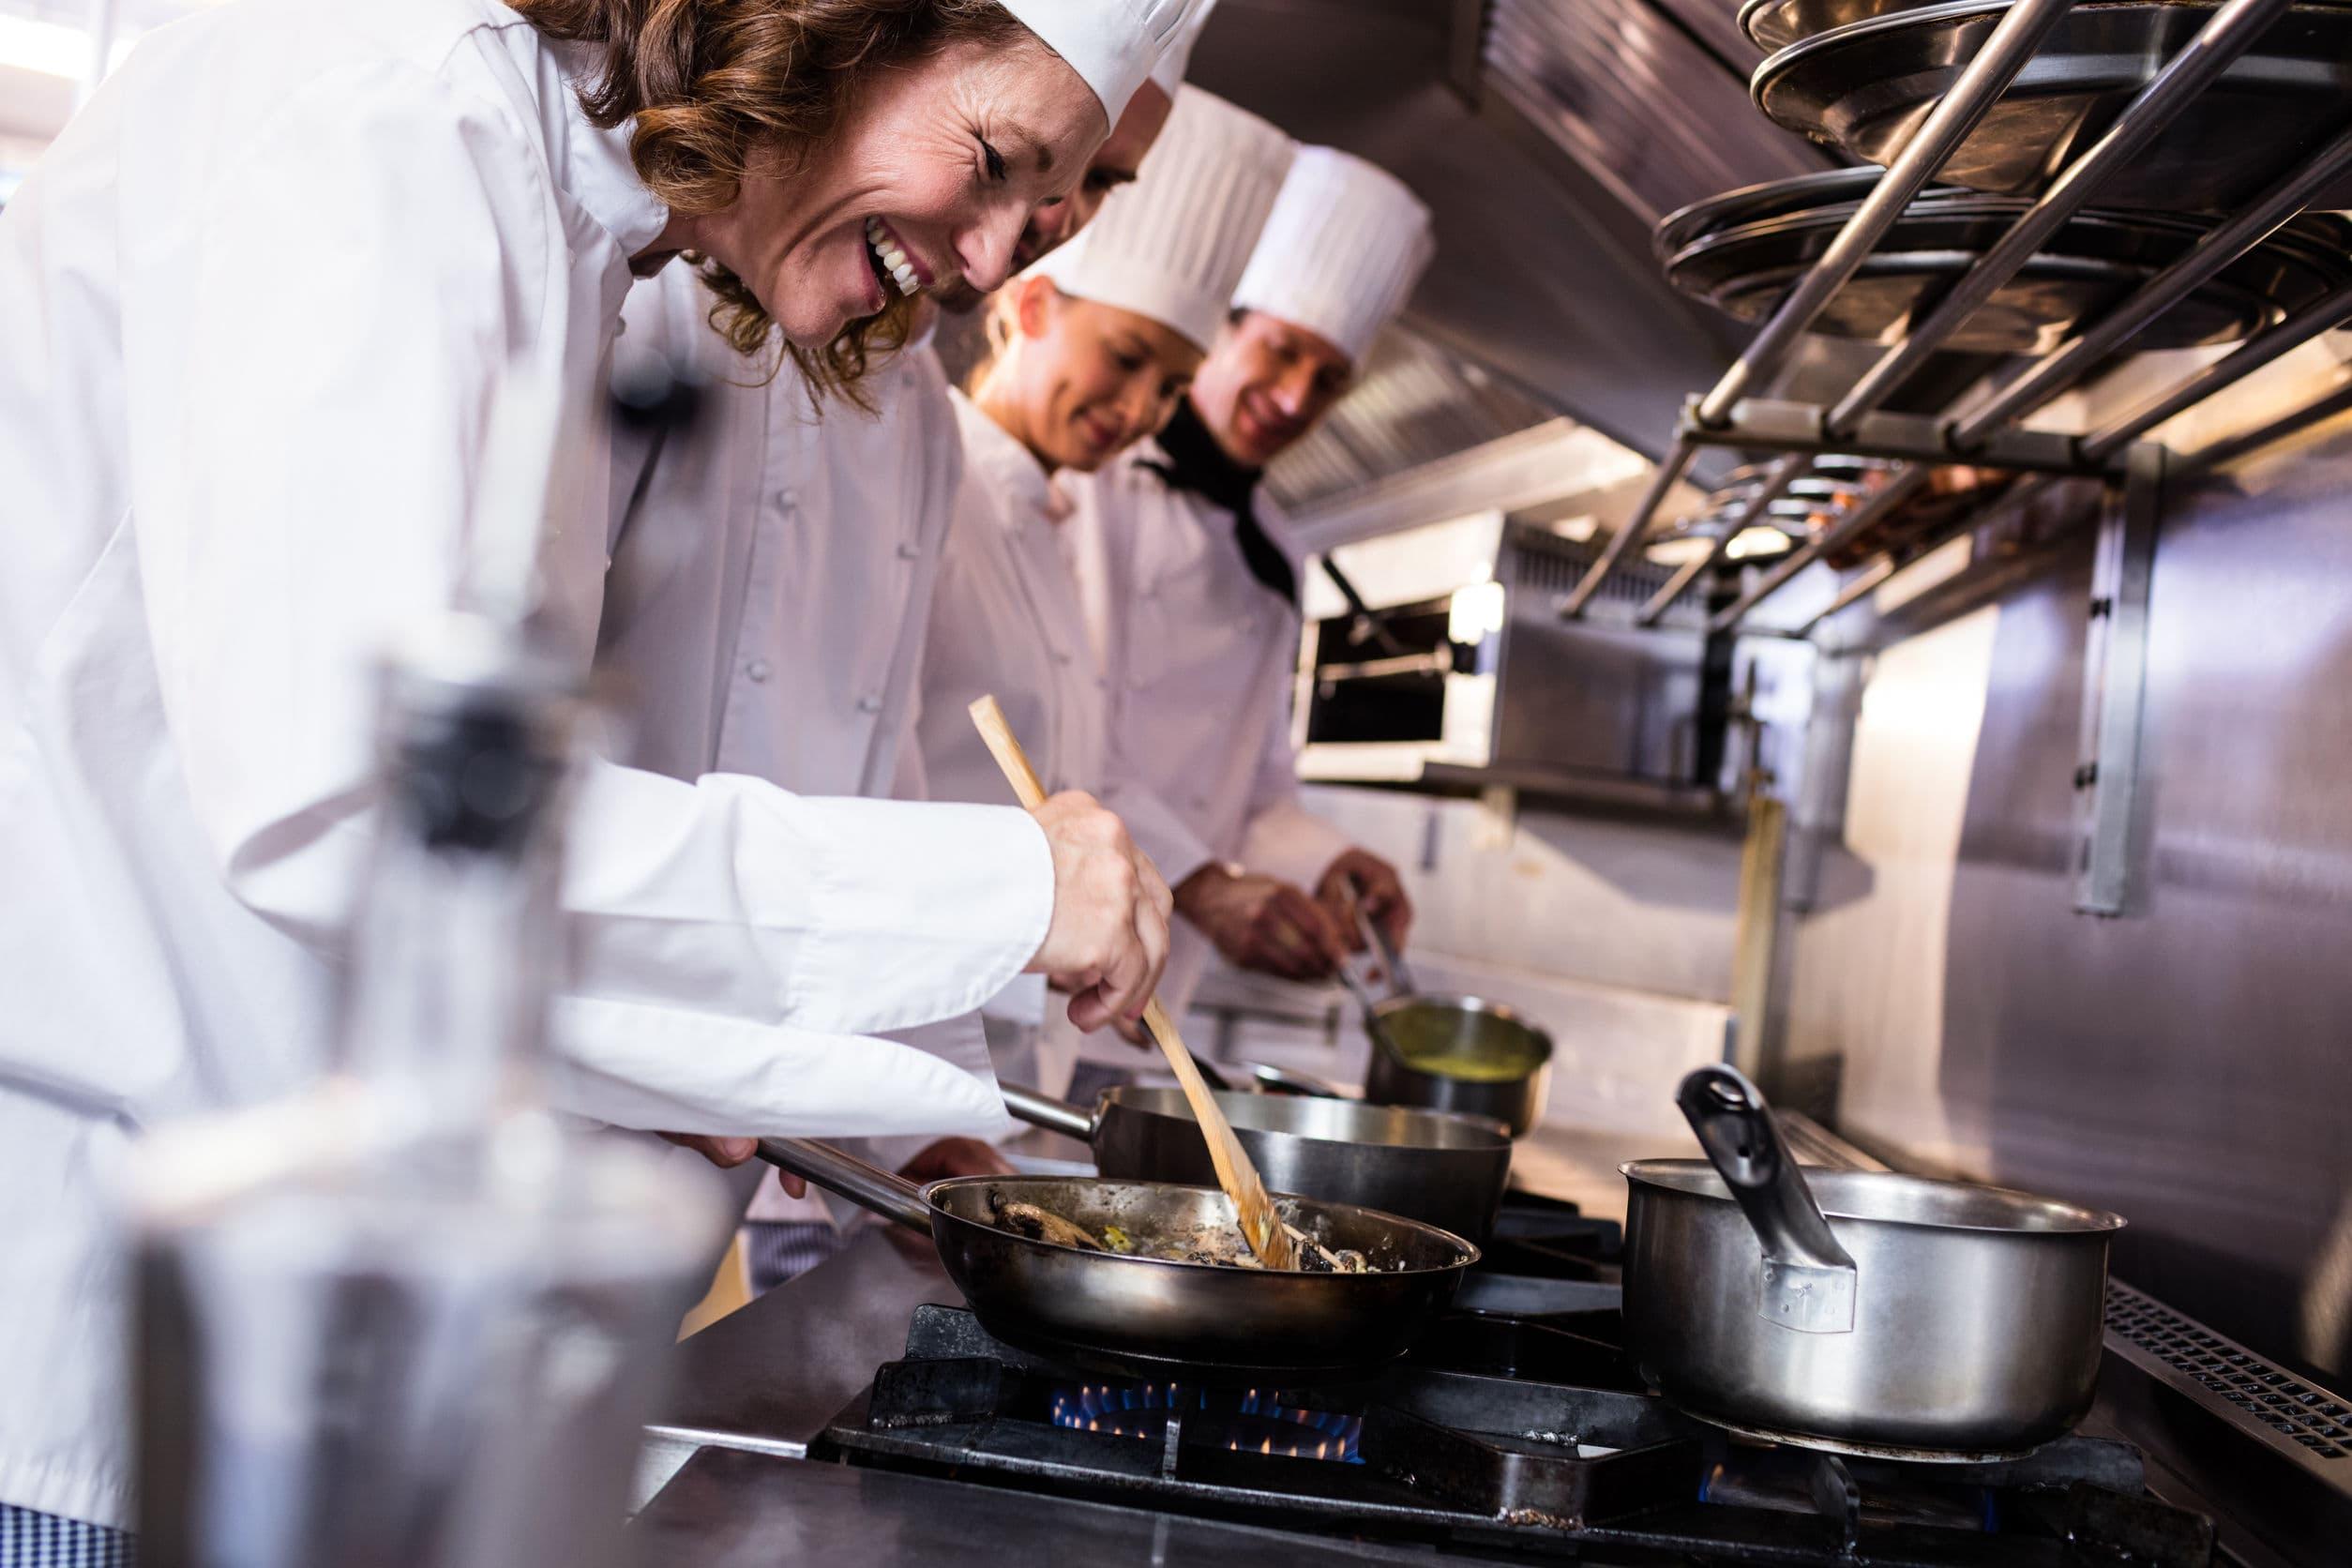 Establishments Look To Implement New Restaurant Equipment In 2012